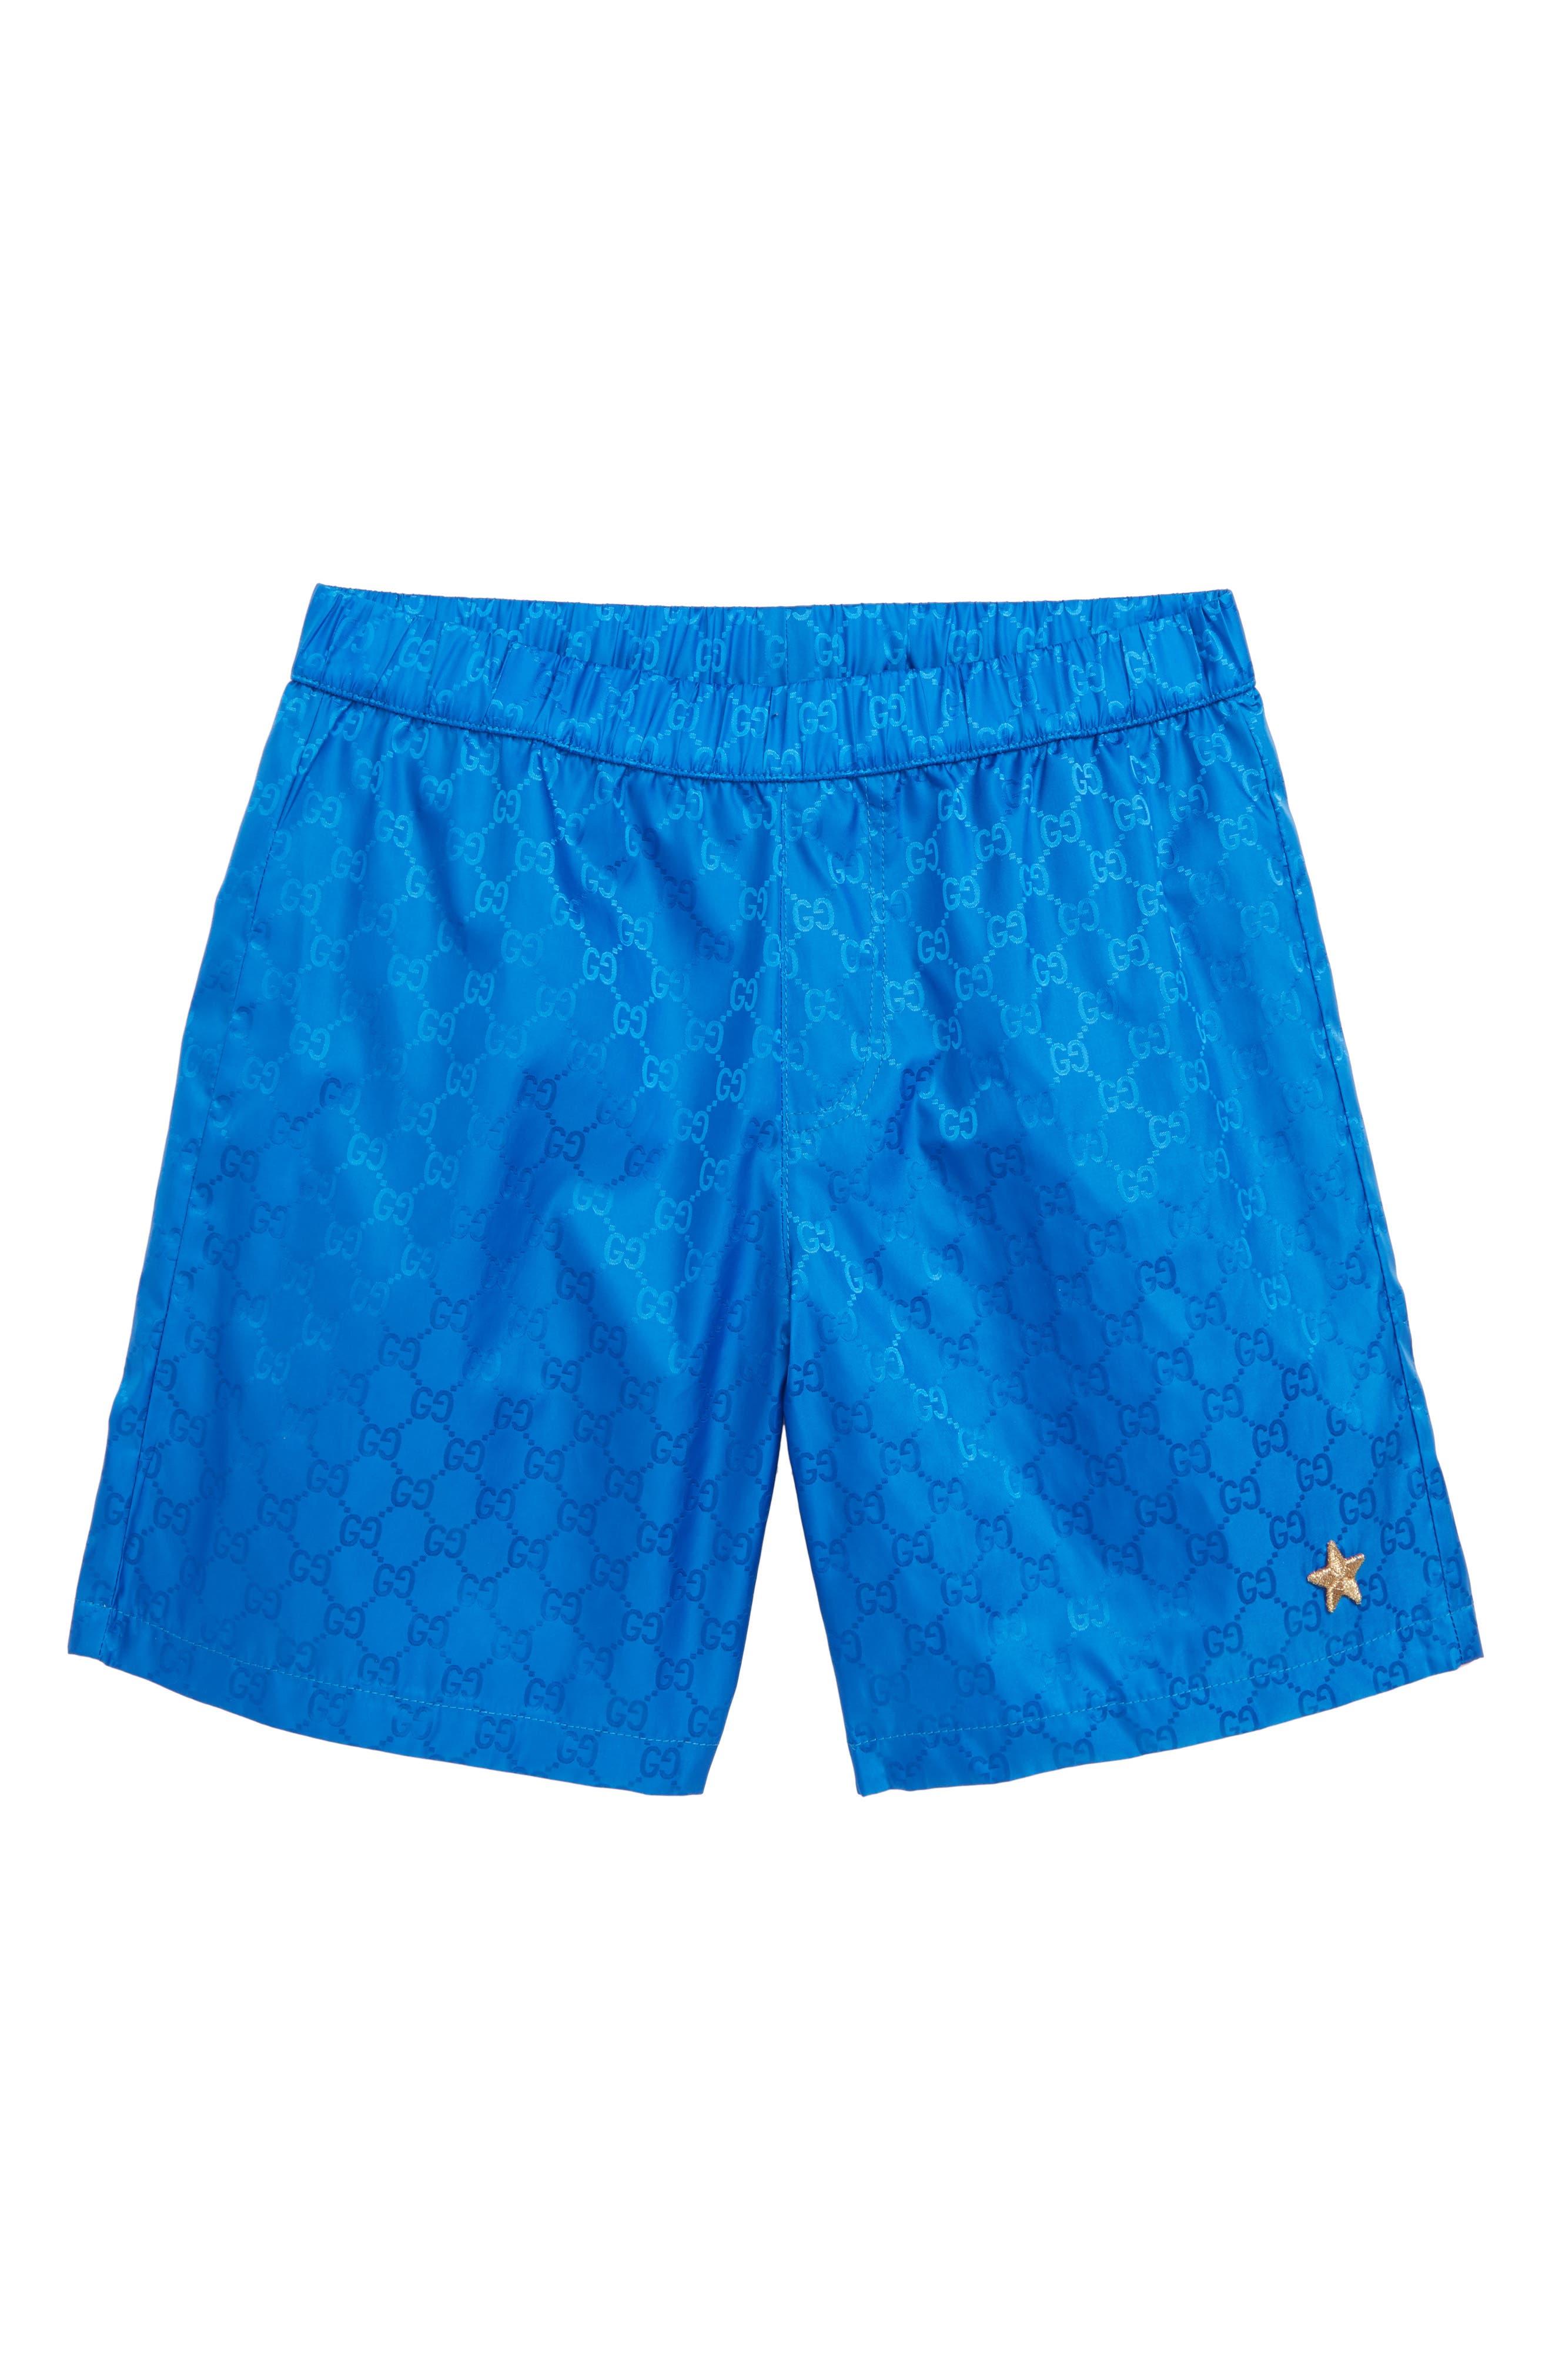 Double-G Boxer Shorts,                             Main thumbnail 1, color,                             VISAGE